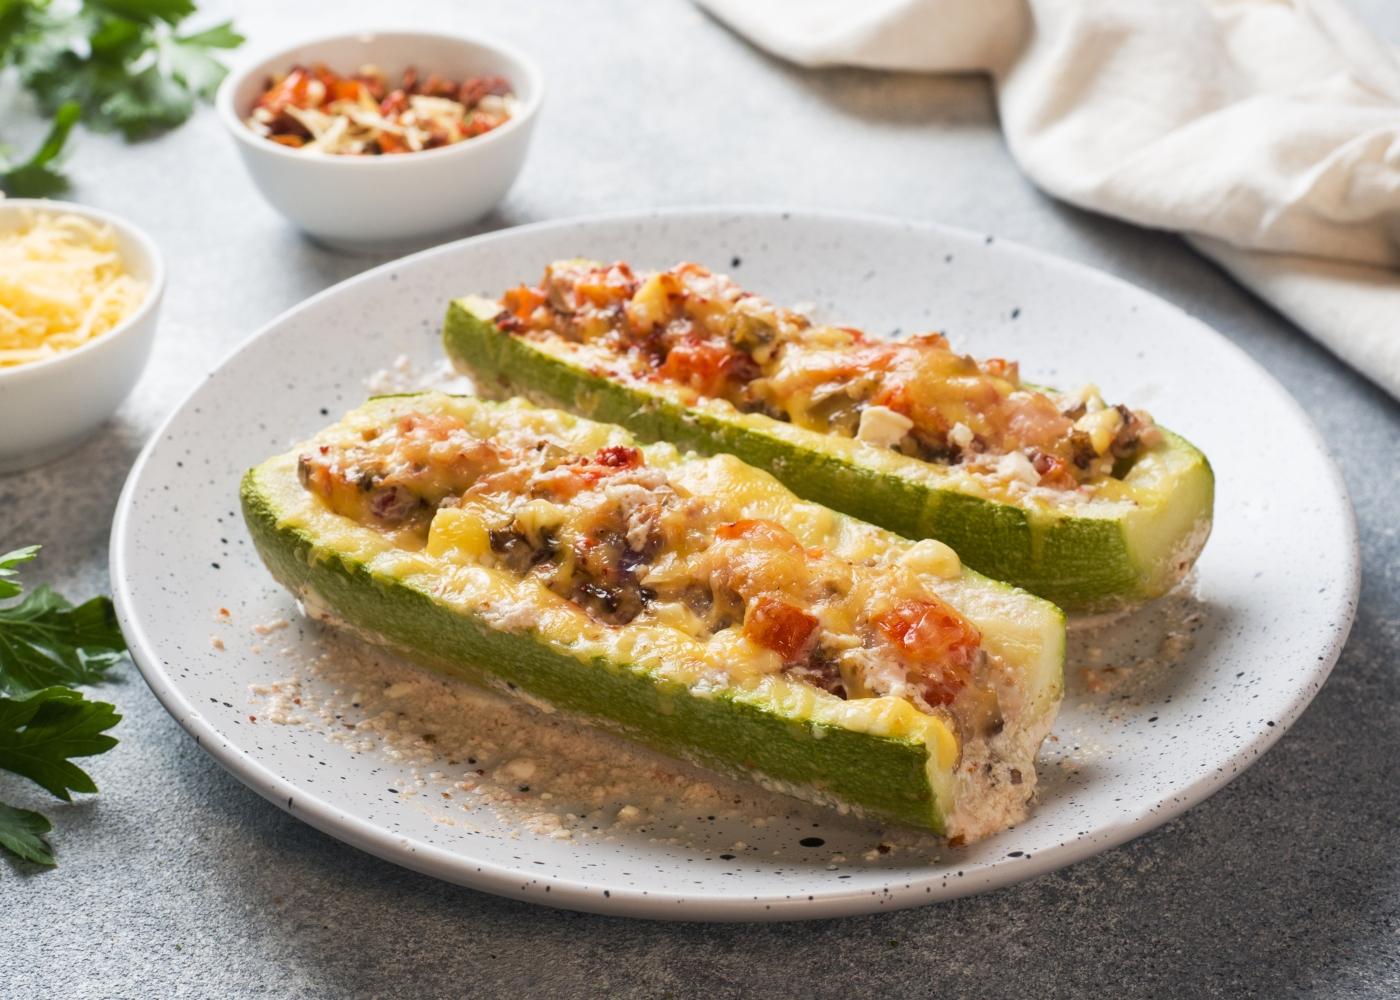 prato com courgettes recheadas com legumes